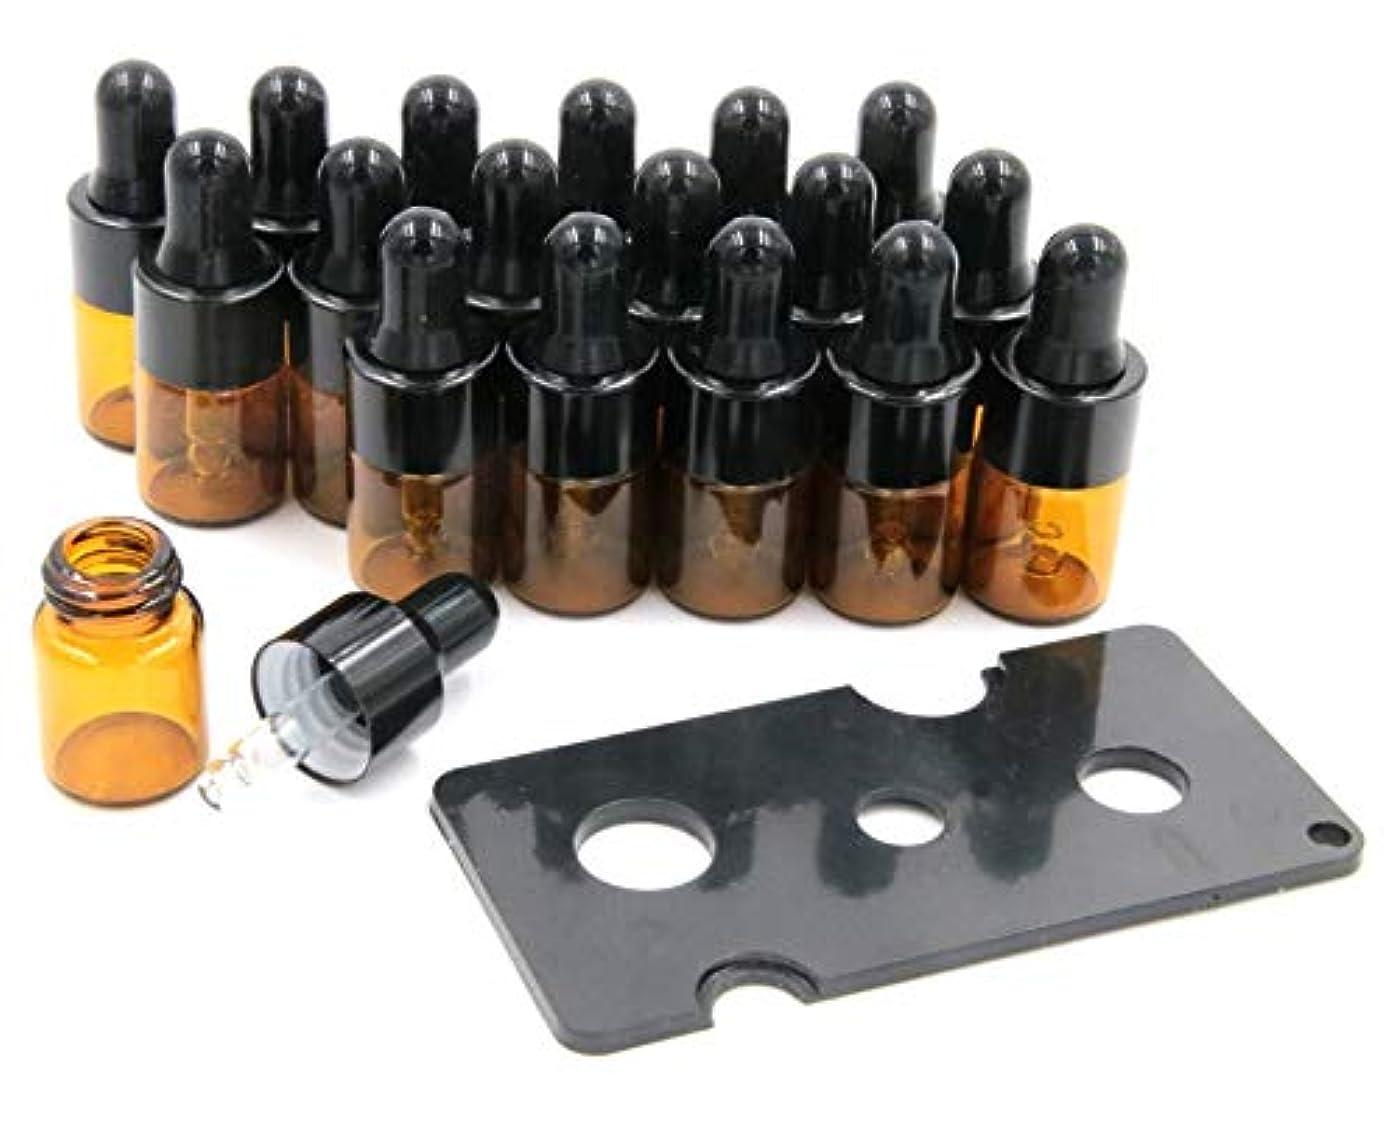 XPdesign アロマ スポイト遮光瓶 アロマオイル 遮光瓶 保存 容器 小分け 詰め替え 香水 ボトル (2ml18本 セット)